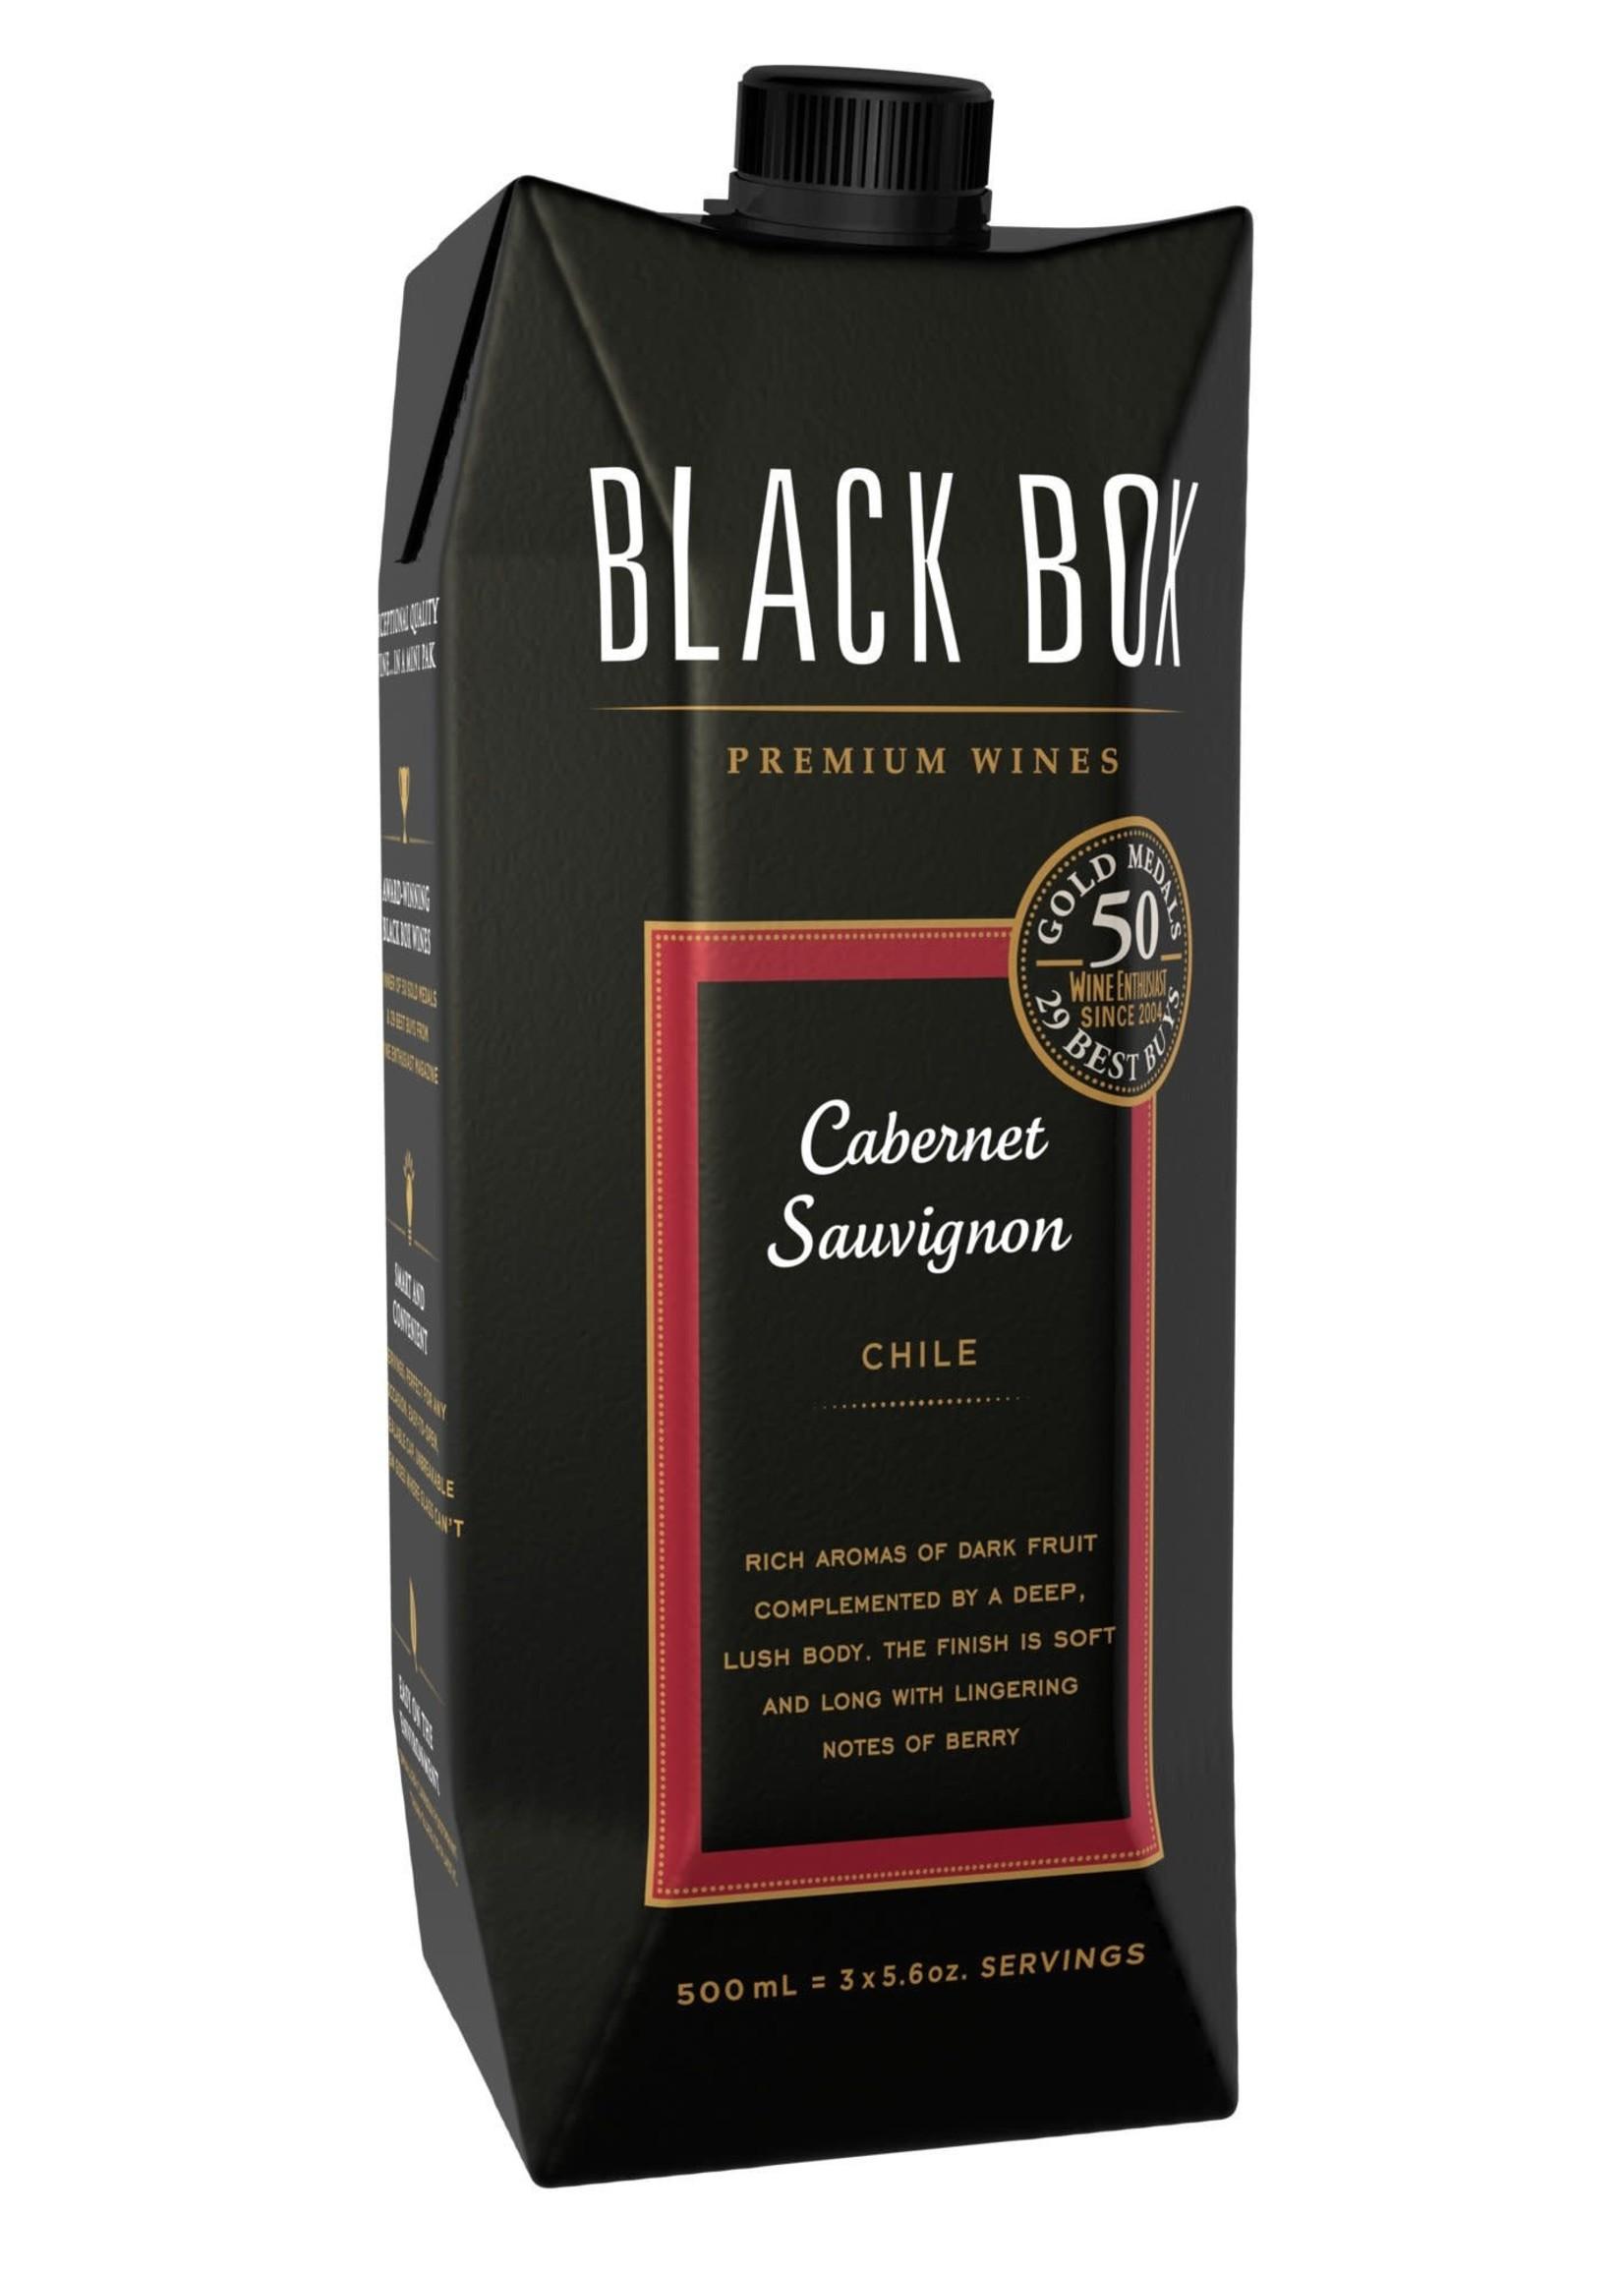 Black Box Black Box / Cabernet Sauvignon / 500mL